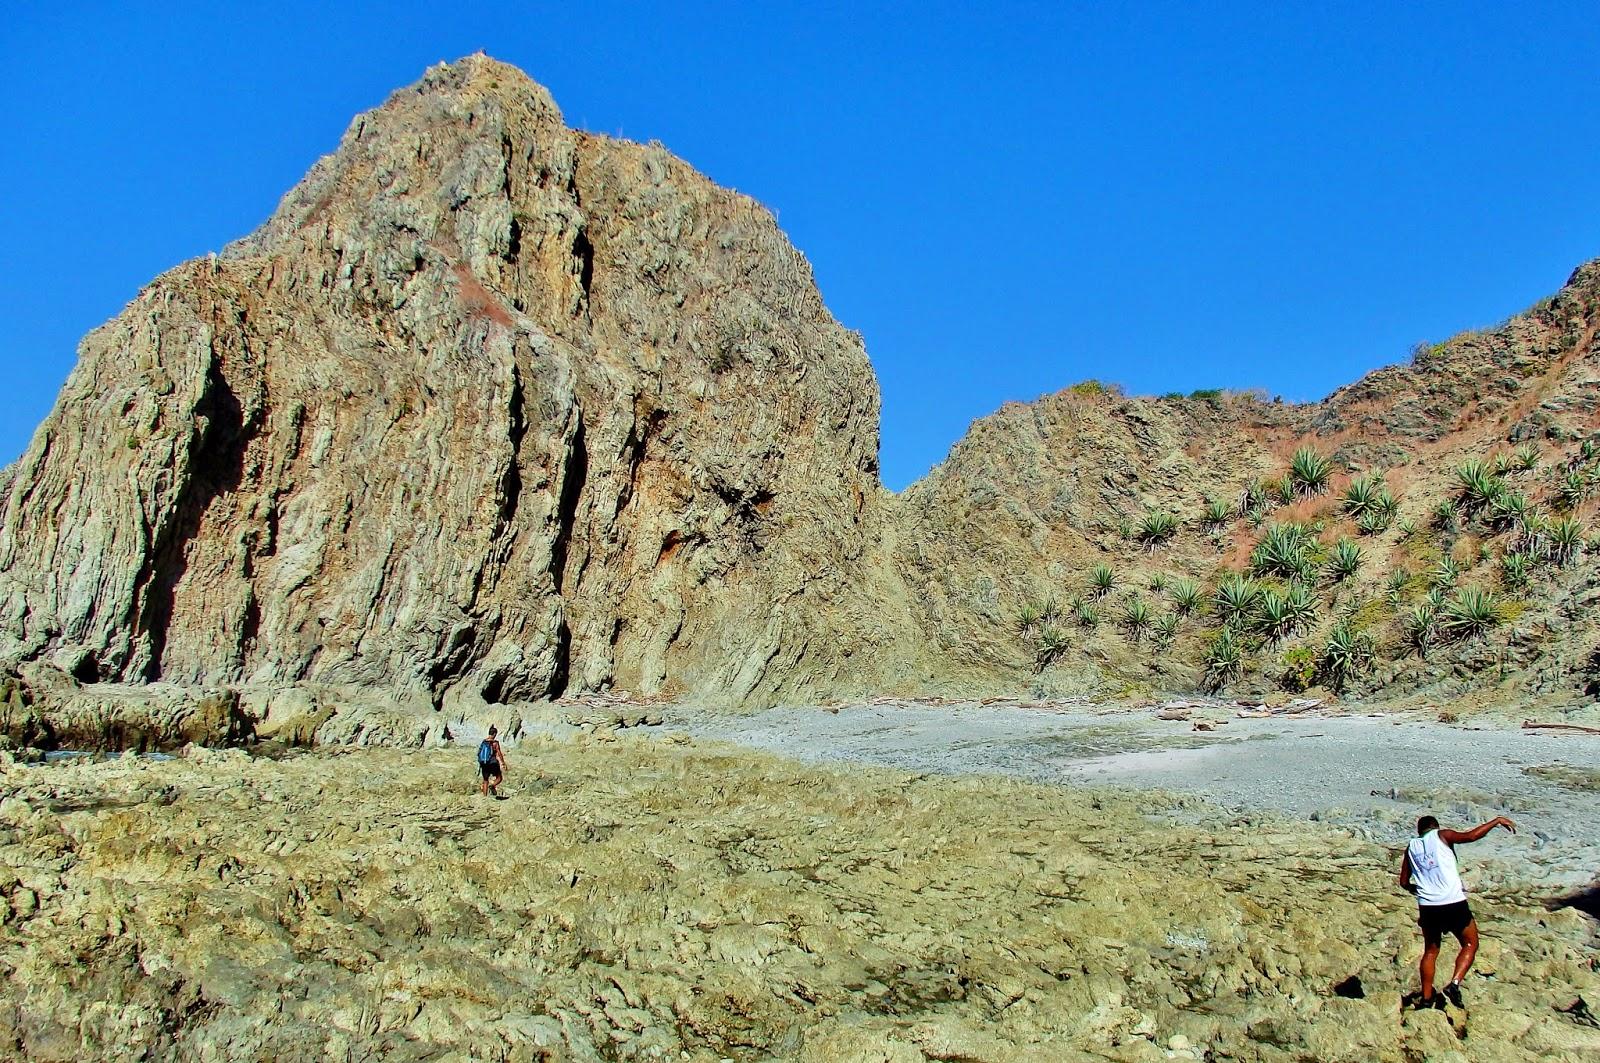 Ruta para ir al Hueco del Diablo. Playa Garza. Costa Rica.